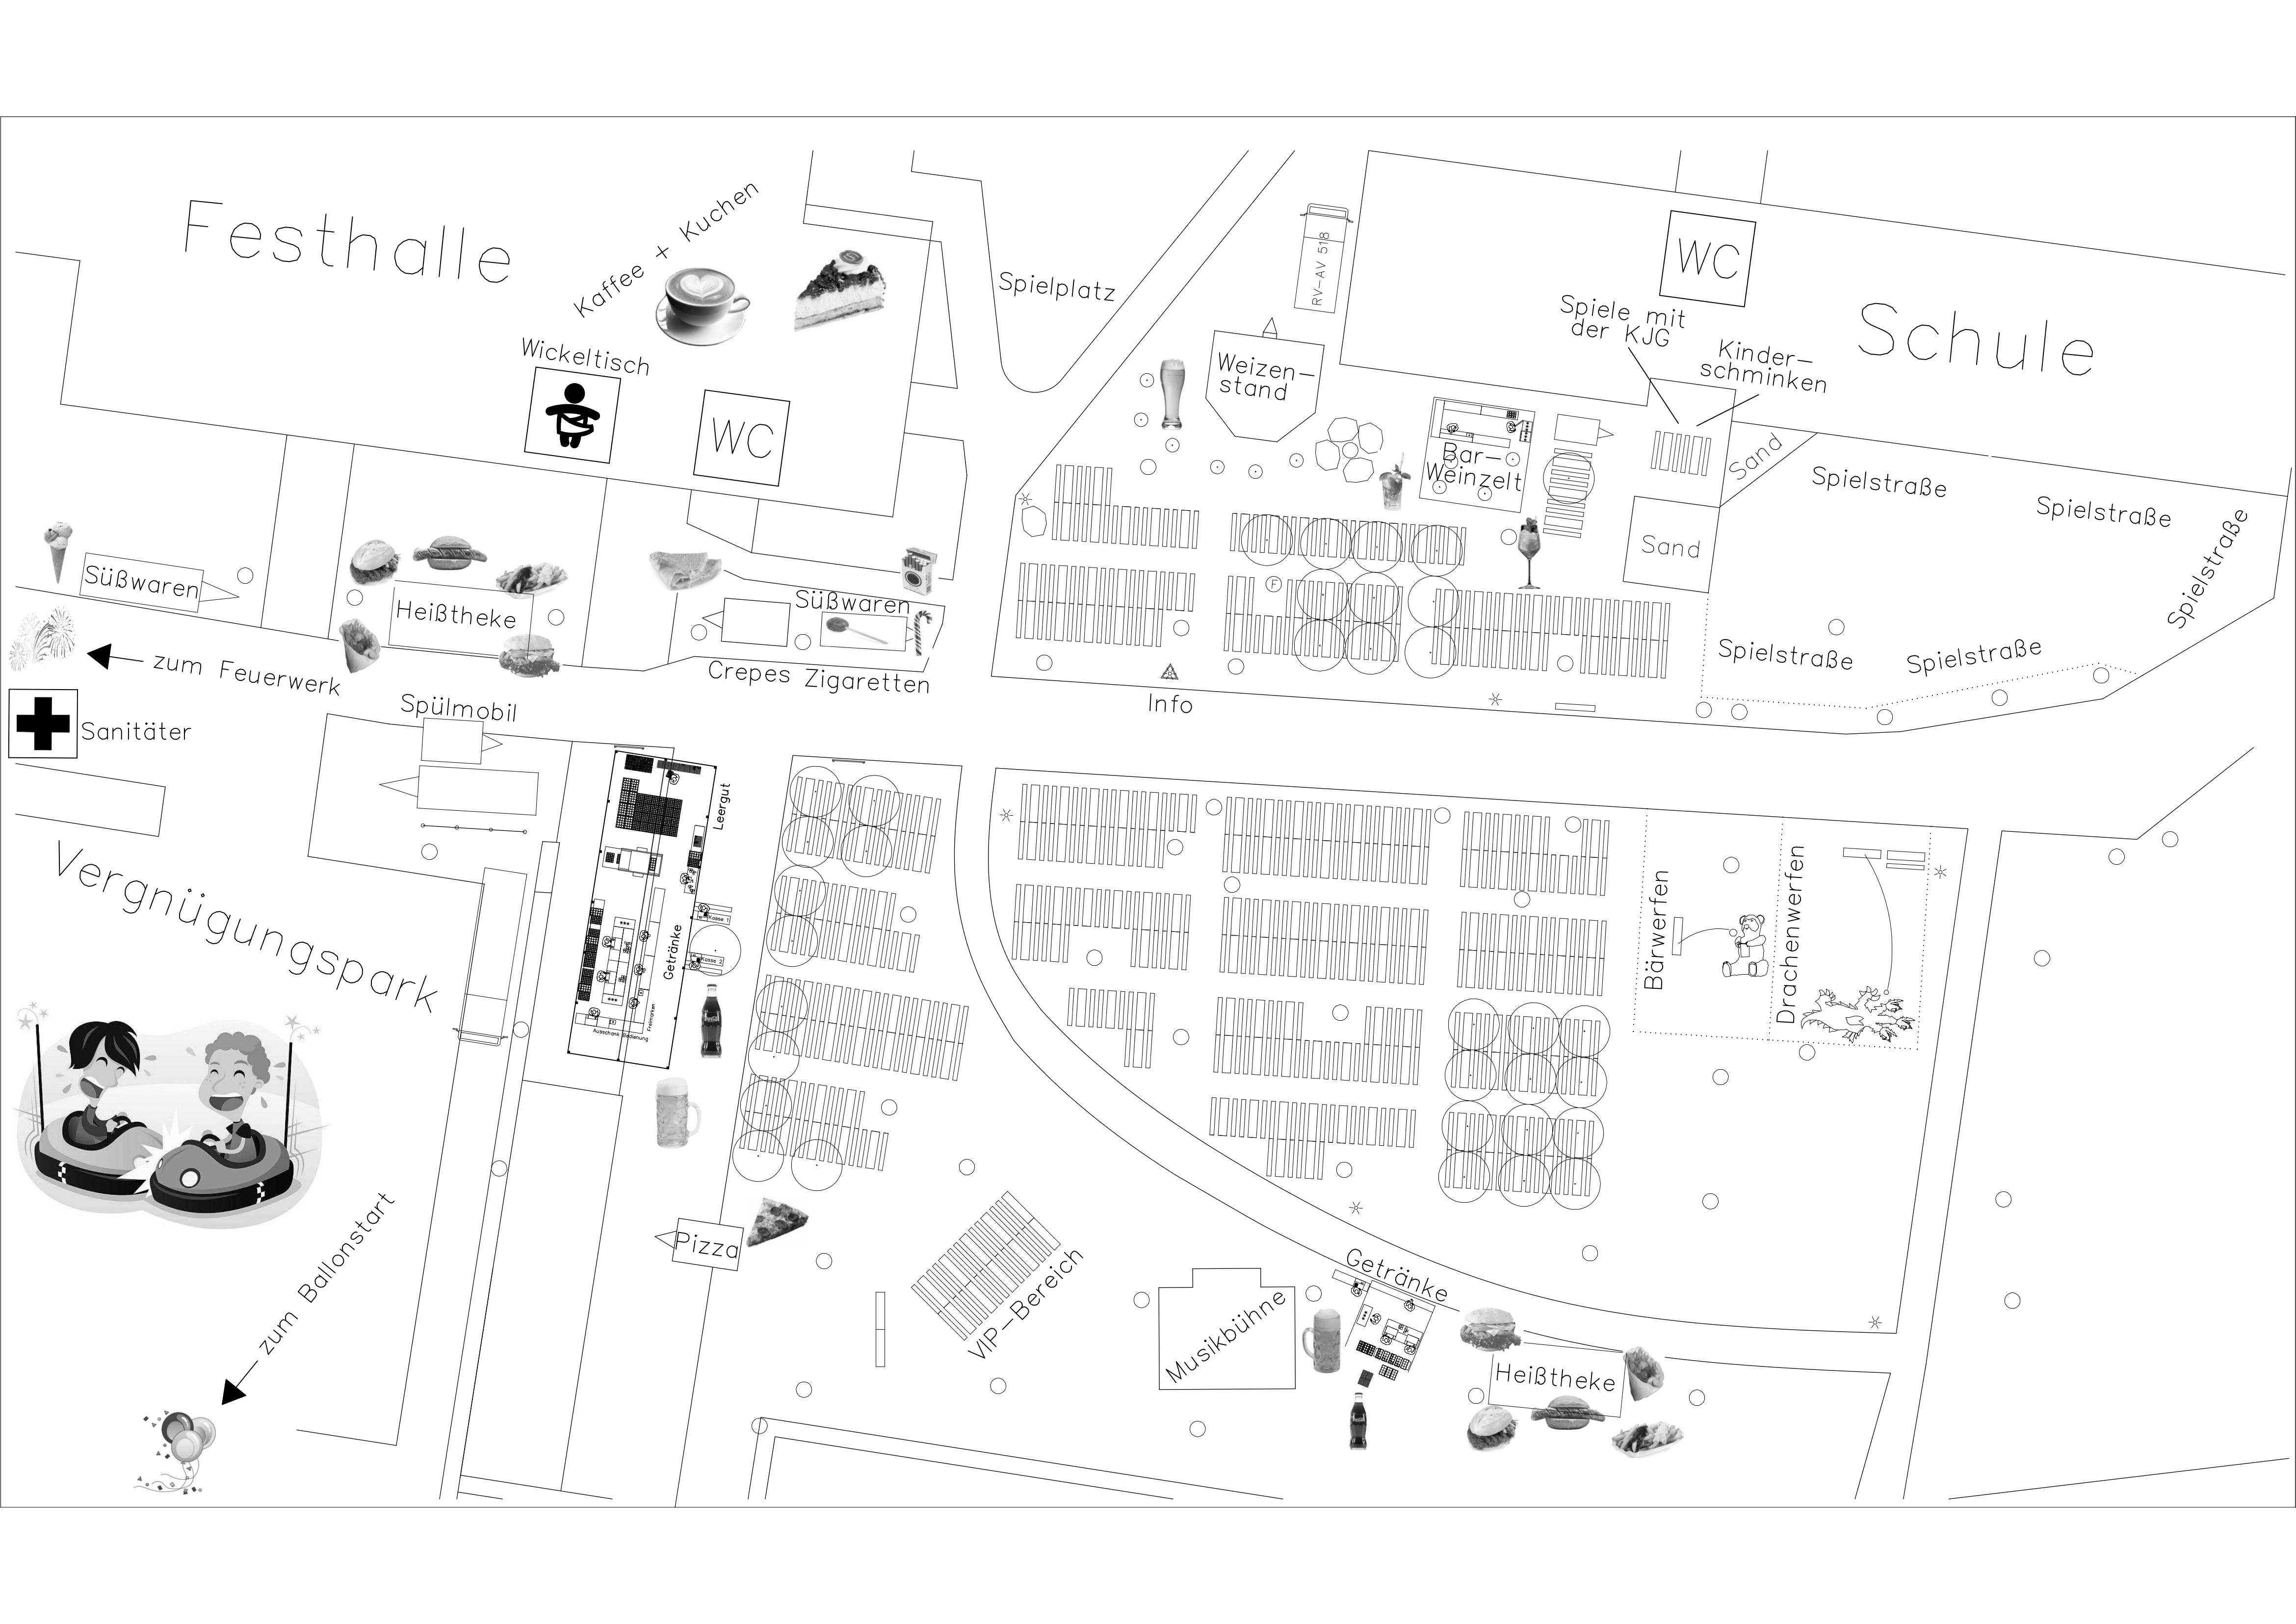 Interaktive Festplatzkarte